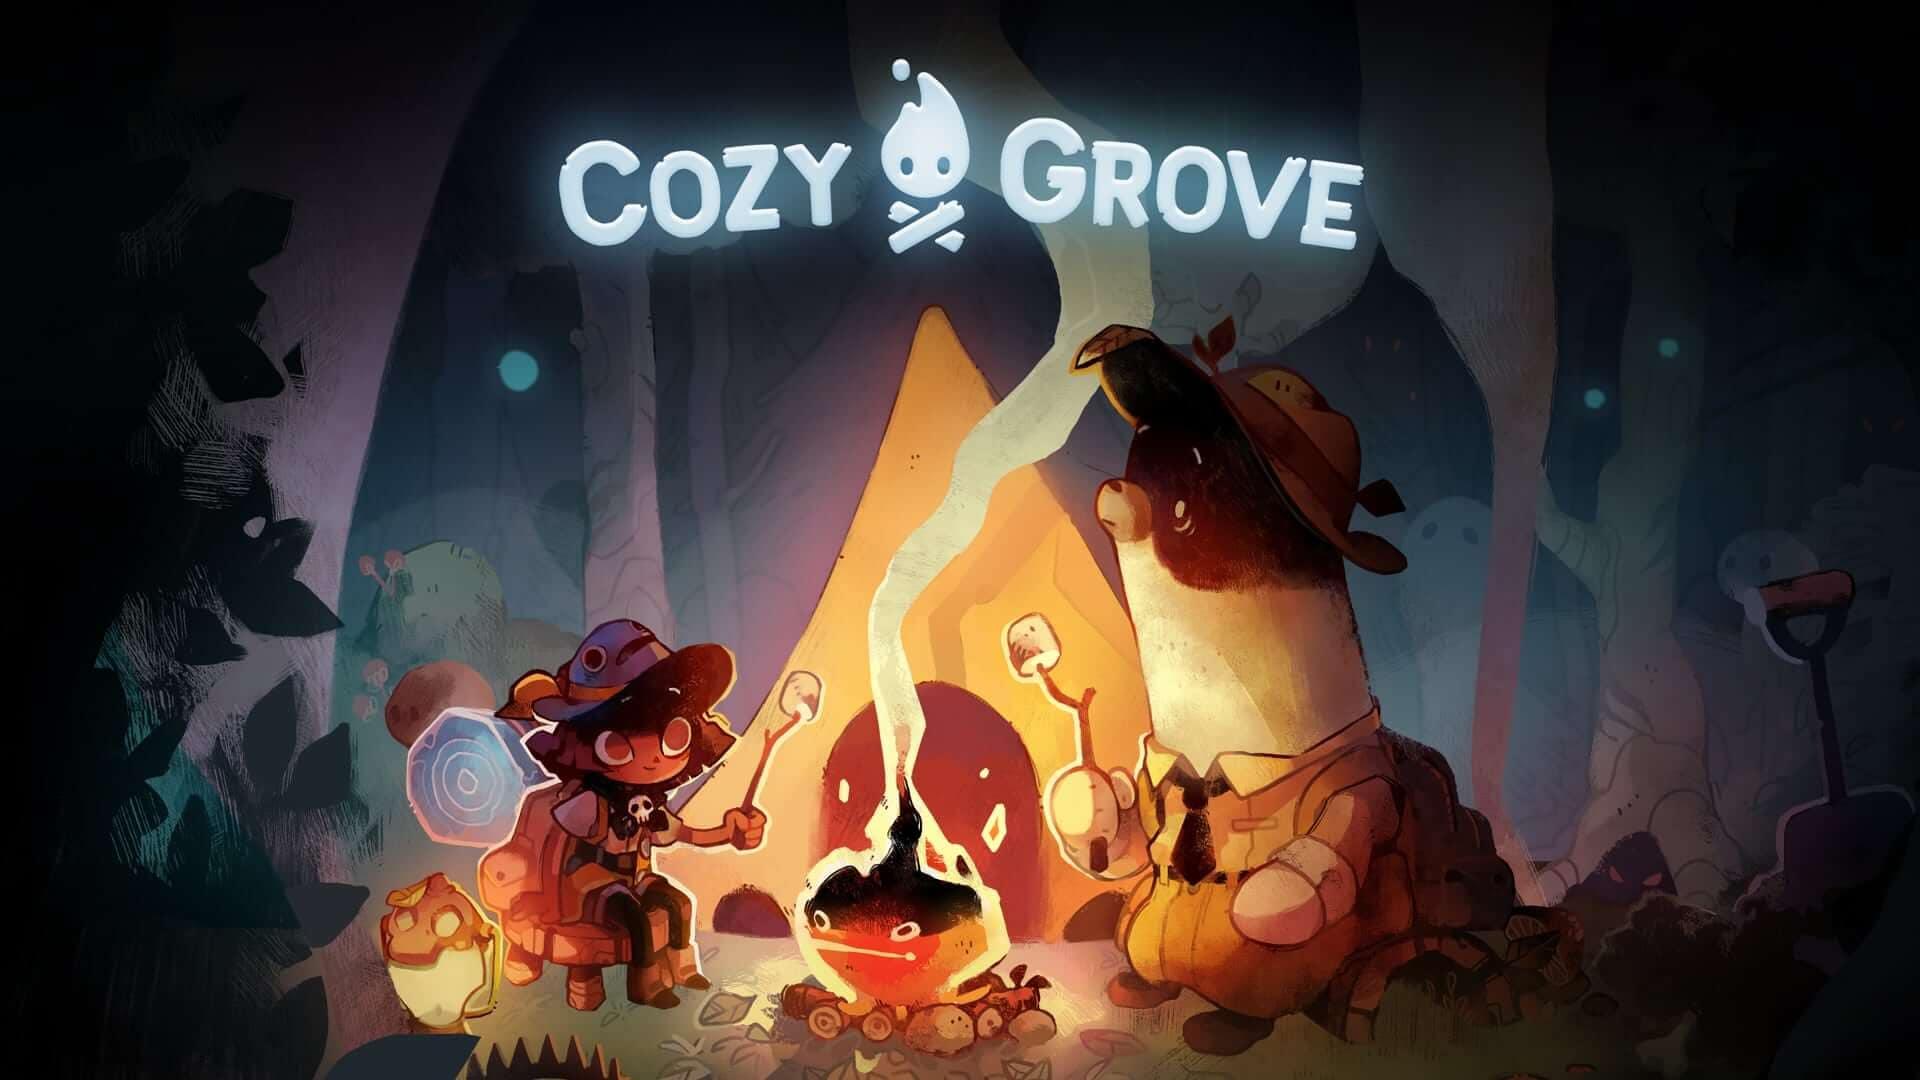 Apple Arcade จะเปิดตัว Cozy Grove เกมสร้างแคมป์บนเกาะผีสิงกับตัวละครสุดน่ารัก ในวันศุกร์นี้